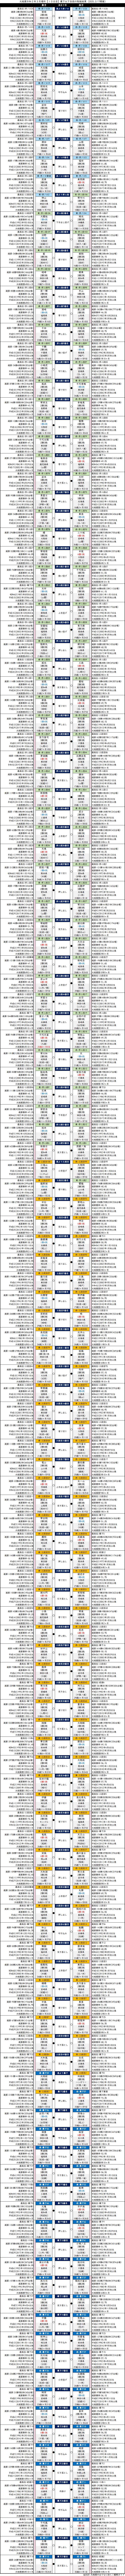 大相撲・2020年3月場所10日目・幕下以下の取組結果